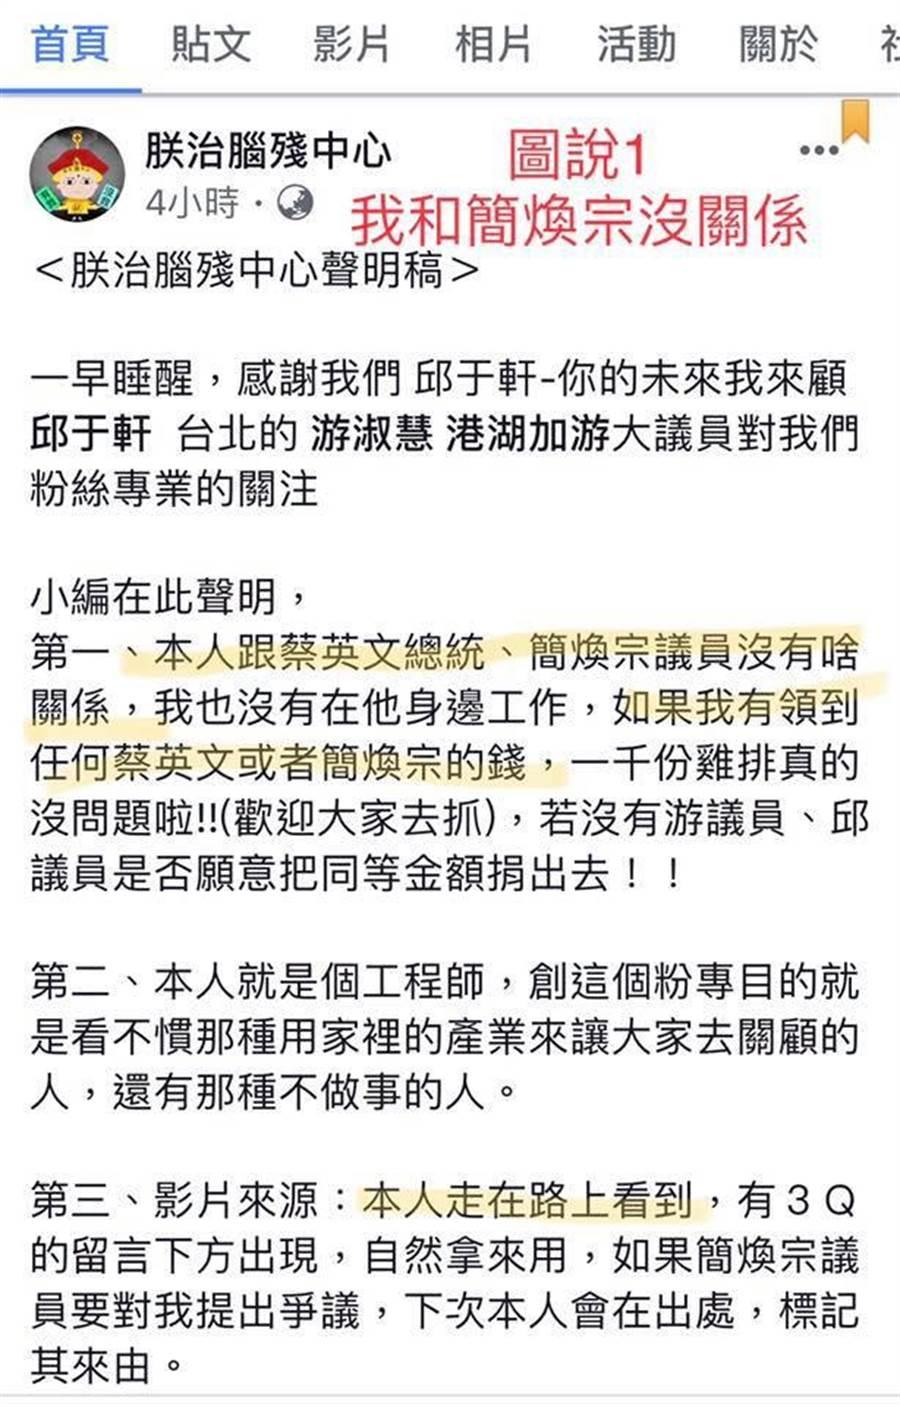 台北市議員游淑慧,進一步在臉書貼文,用三張圖質疑「黑韓者聯盟」,並又扯出資深議員康裕成和該粉專好交情,而康和簡煥宗也是好夥伴。(游淑慧臉書)